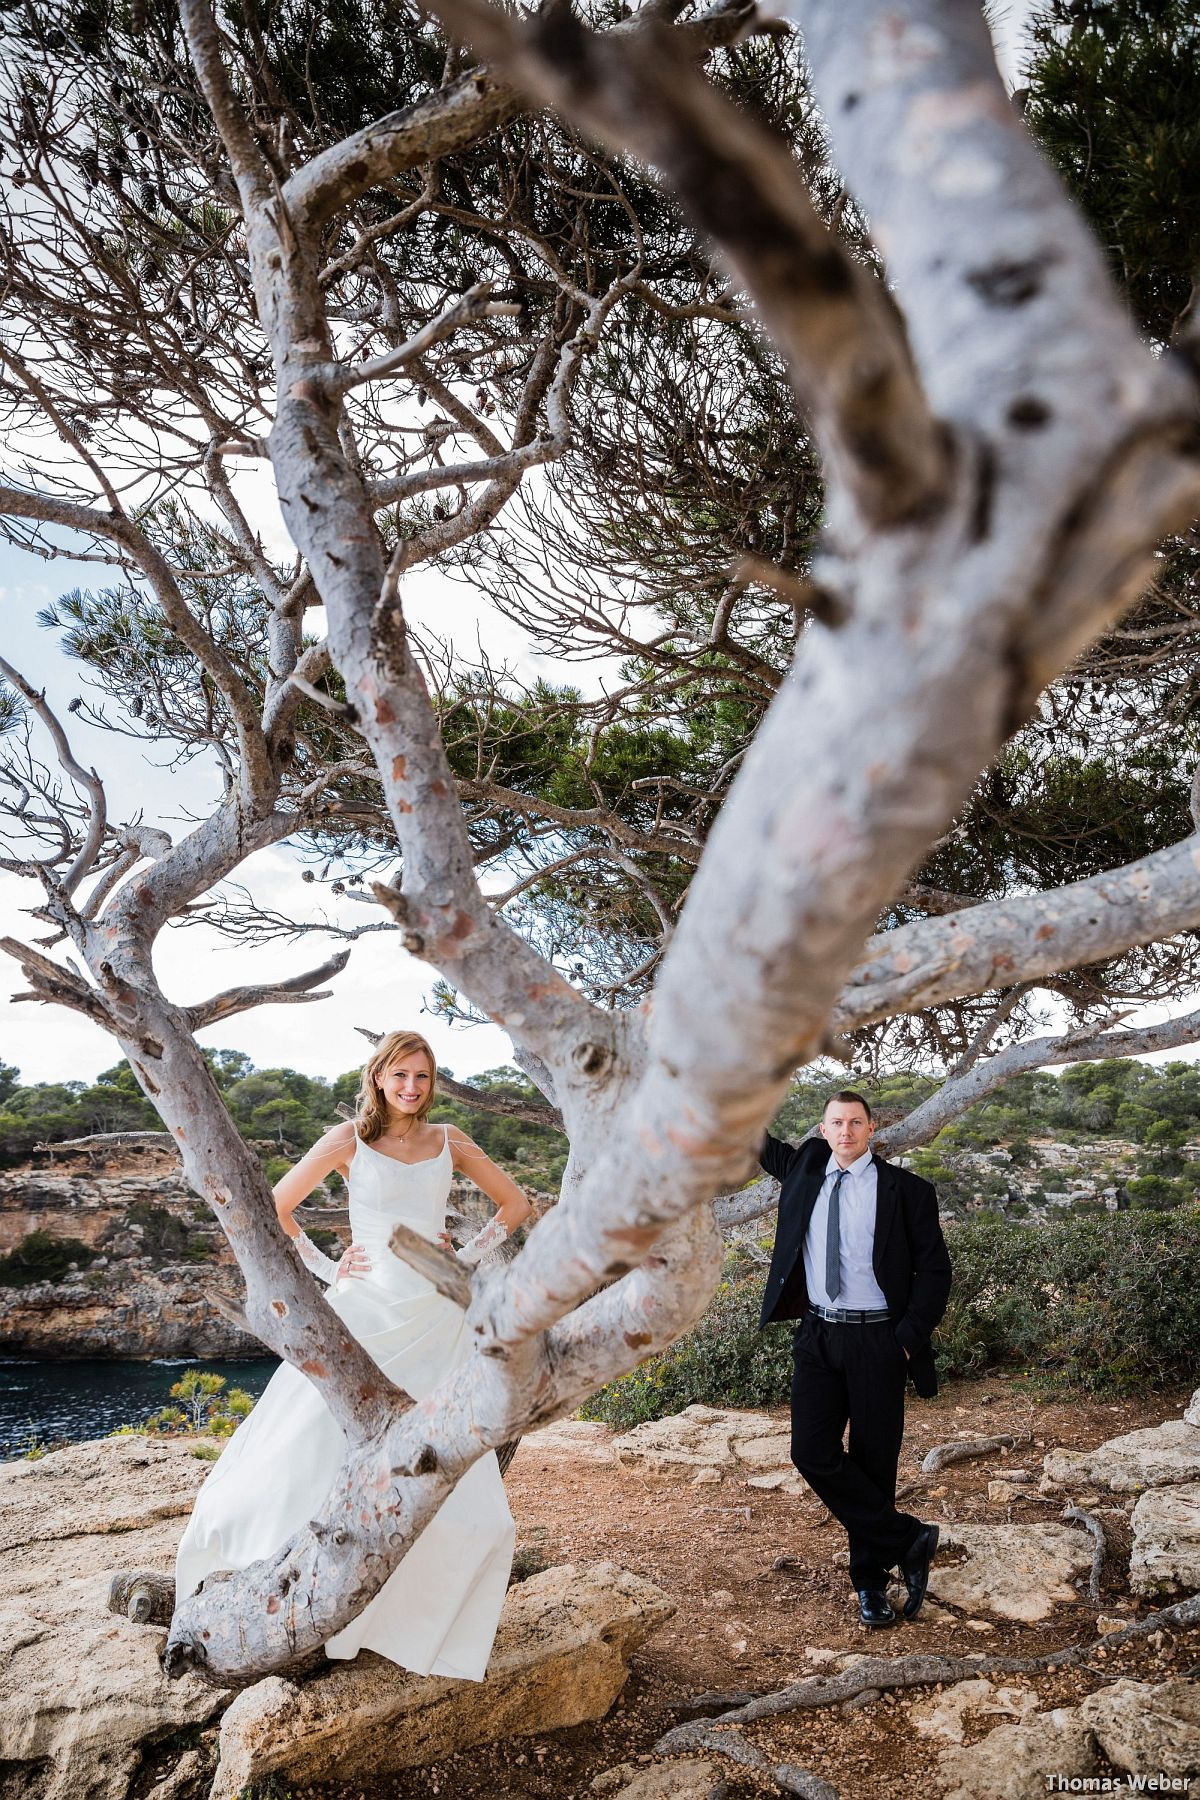 Hochzeitsfotograf Thomas Weber aus Oldenburg: Hochzeitsfotos und Paarfotos auf Mallorca (19)